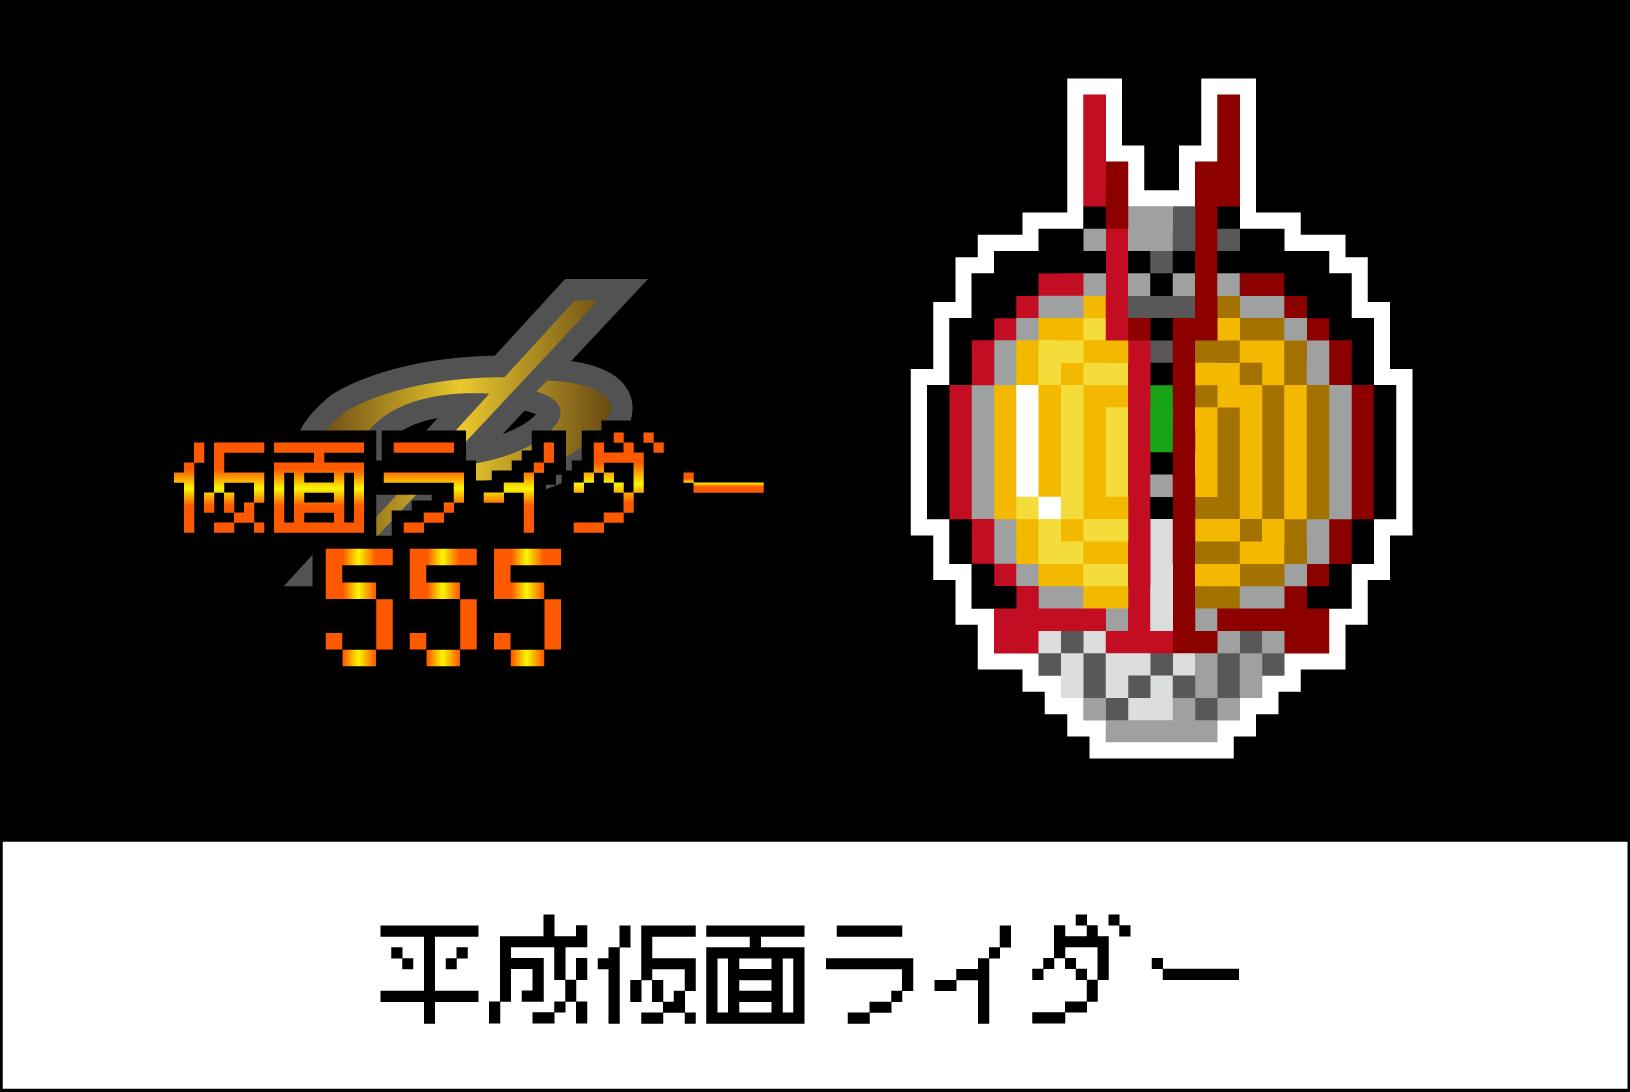 【平成仮面ライダーシリーズ】仮面ライダー555(ファイズ)のアイロンビーズ図案